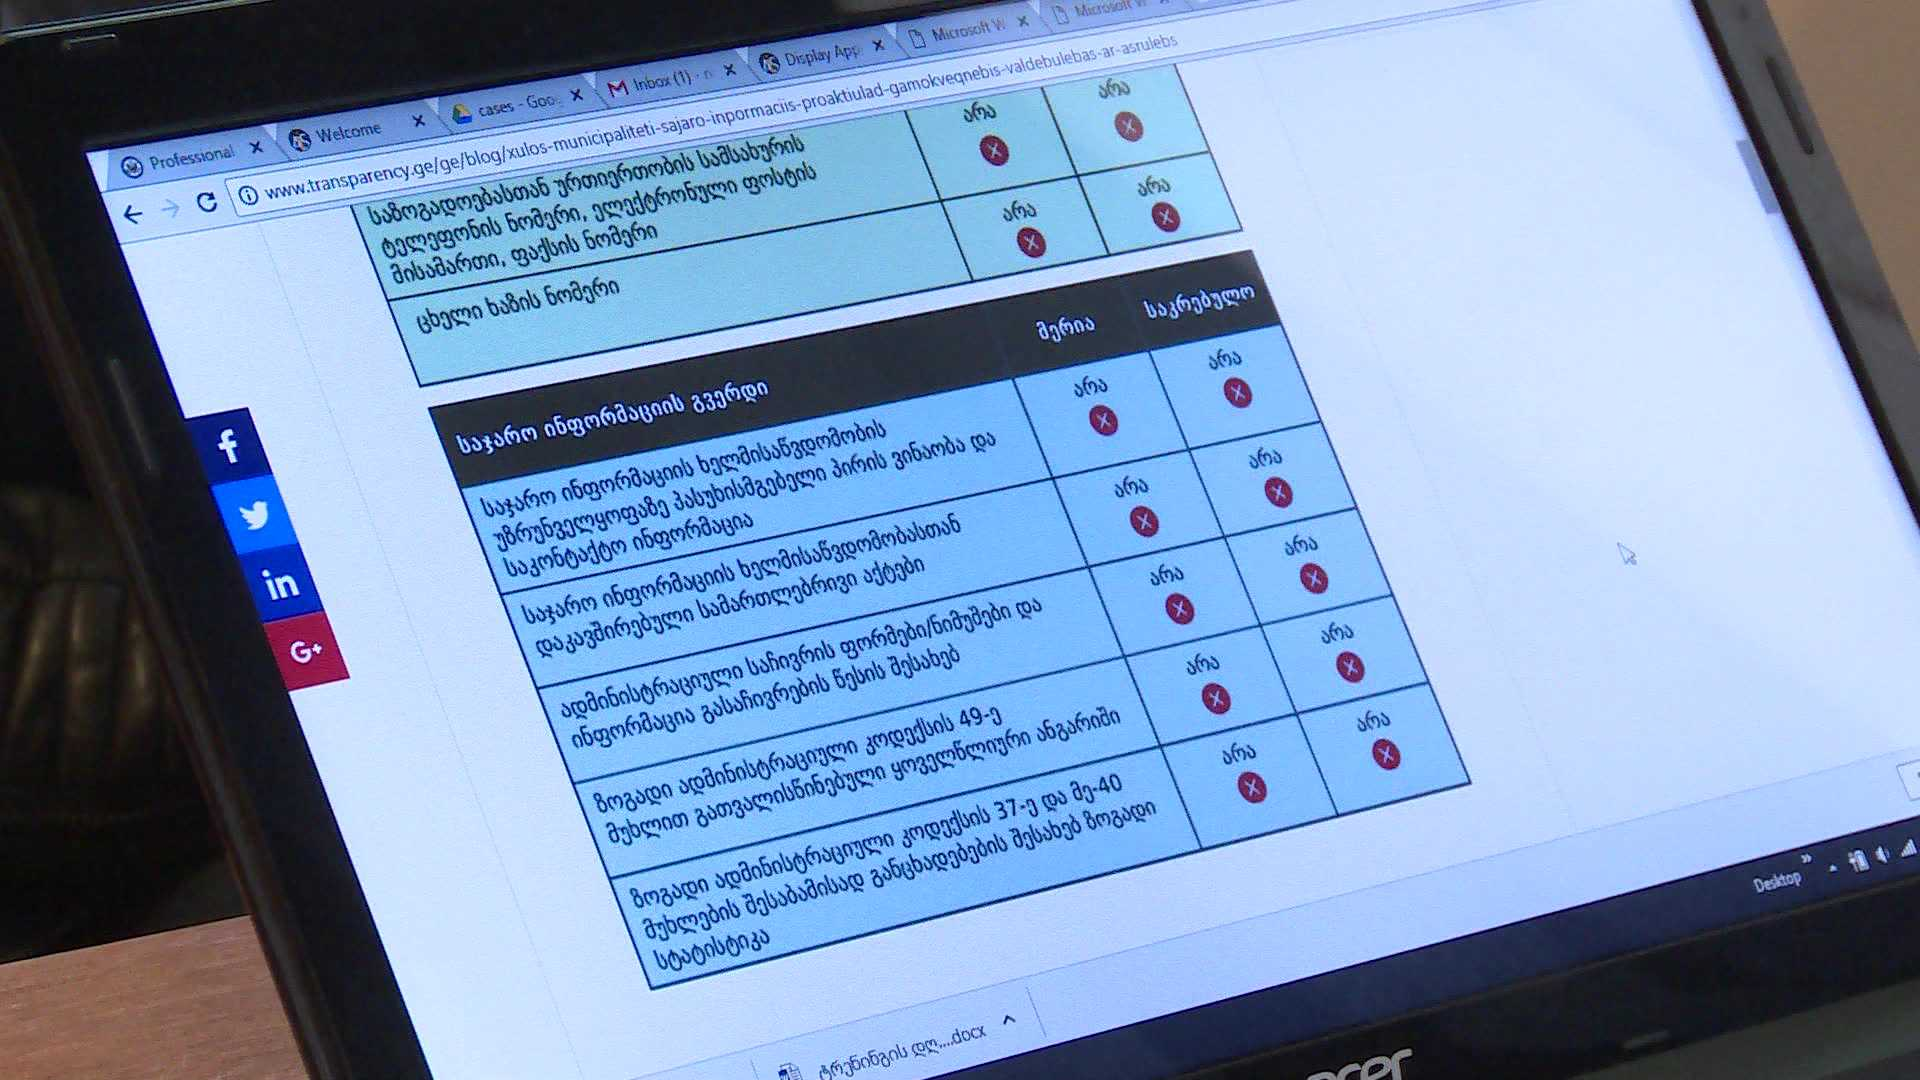 არასრულყოფილი საჯარო ინფორმაცია ხულოს  მუნიციპალიტეტის ვებ გვერდზე